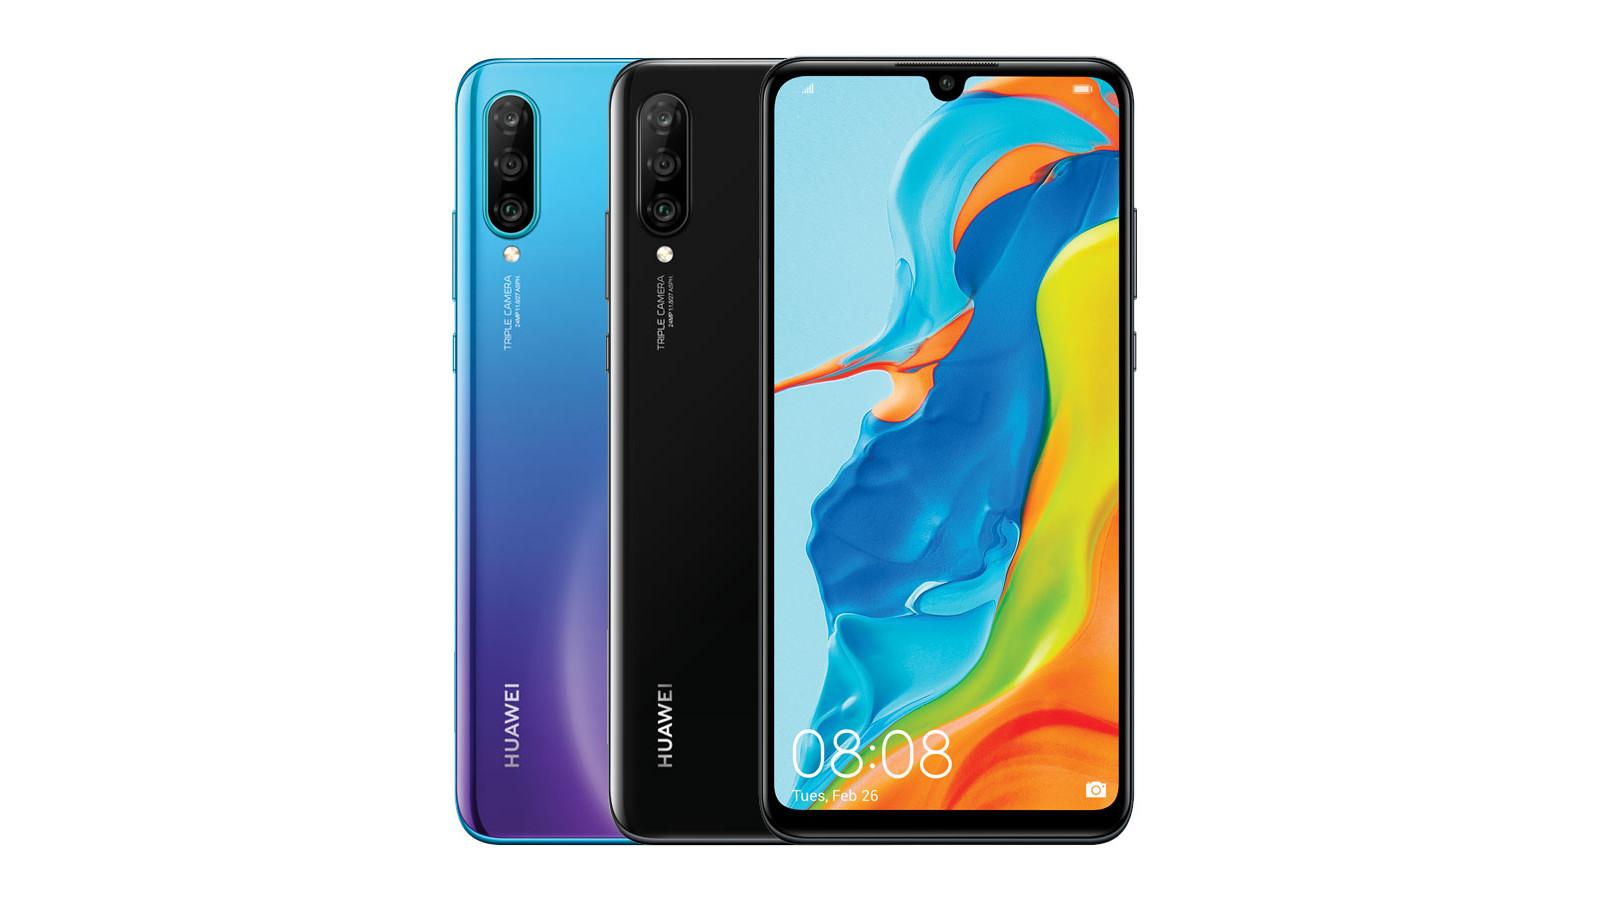 Huawei P30 Lite cena plotki przecieki gdzie kupić najtaniej w Polsce opinie specyfikacja techniczna kiedy premiera